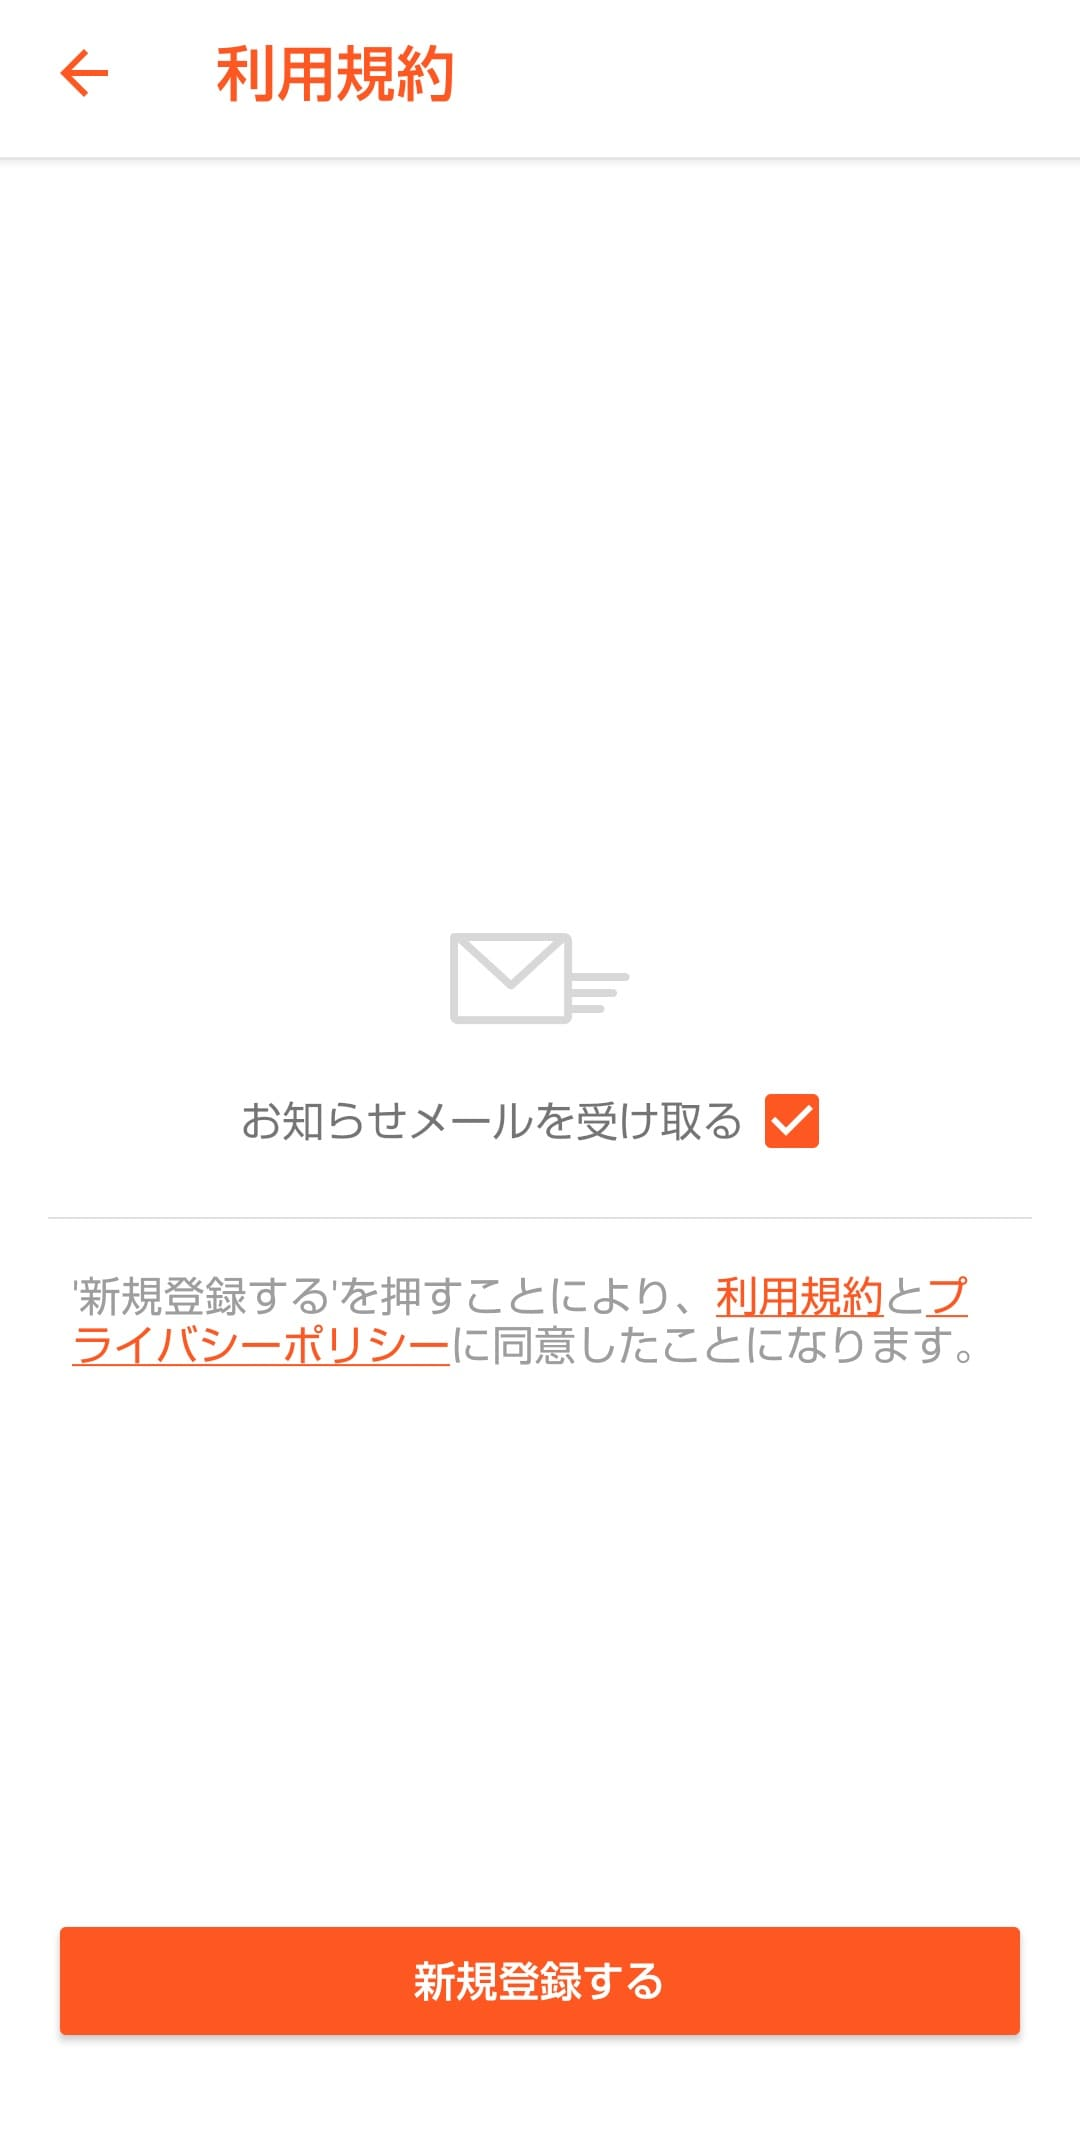 HiNative:登録ボタン